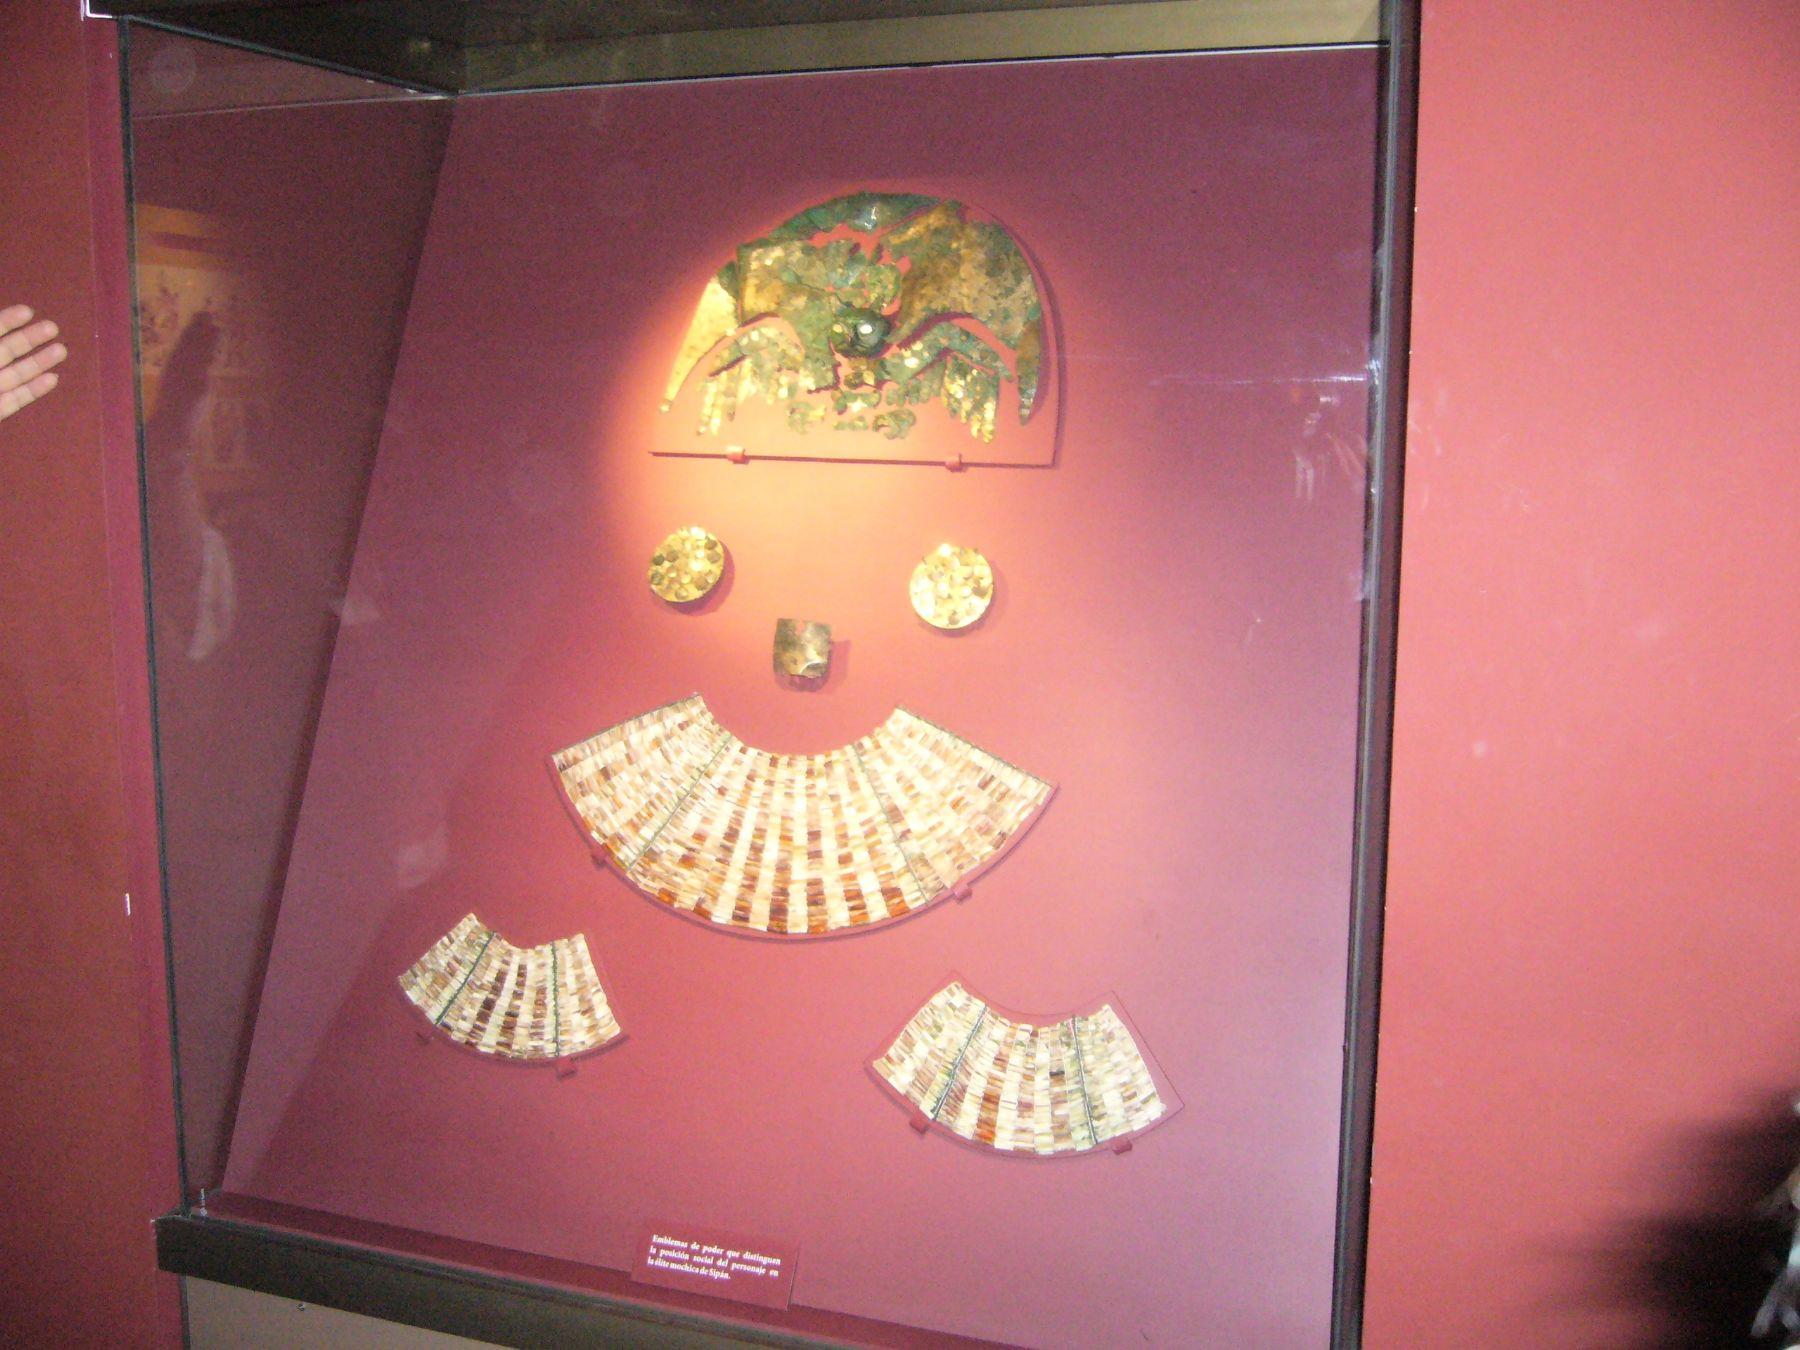 Corona en forma de búho exhibida en museo lambayecano. Foto: ANDINA/Silvia Depaz.